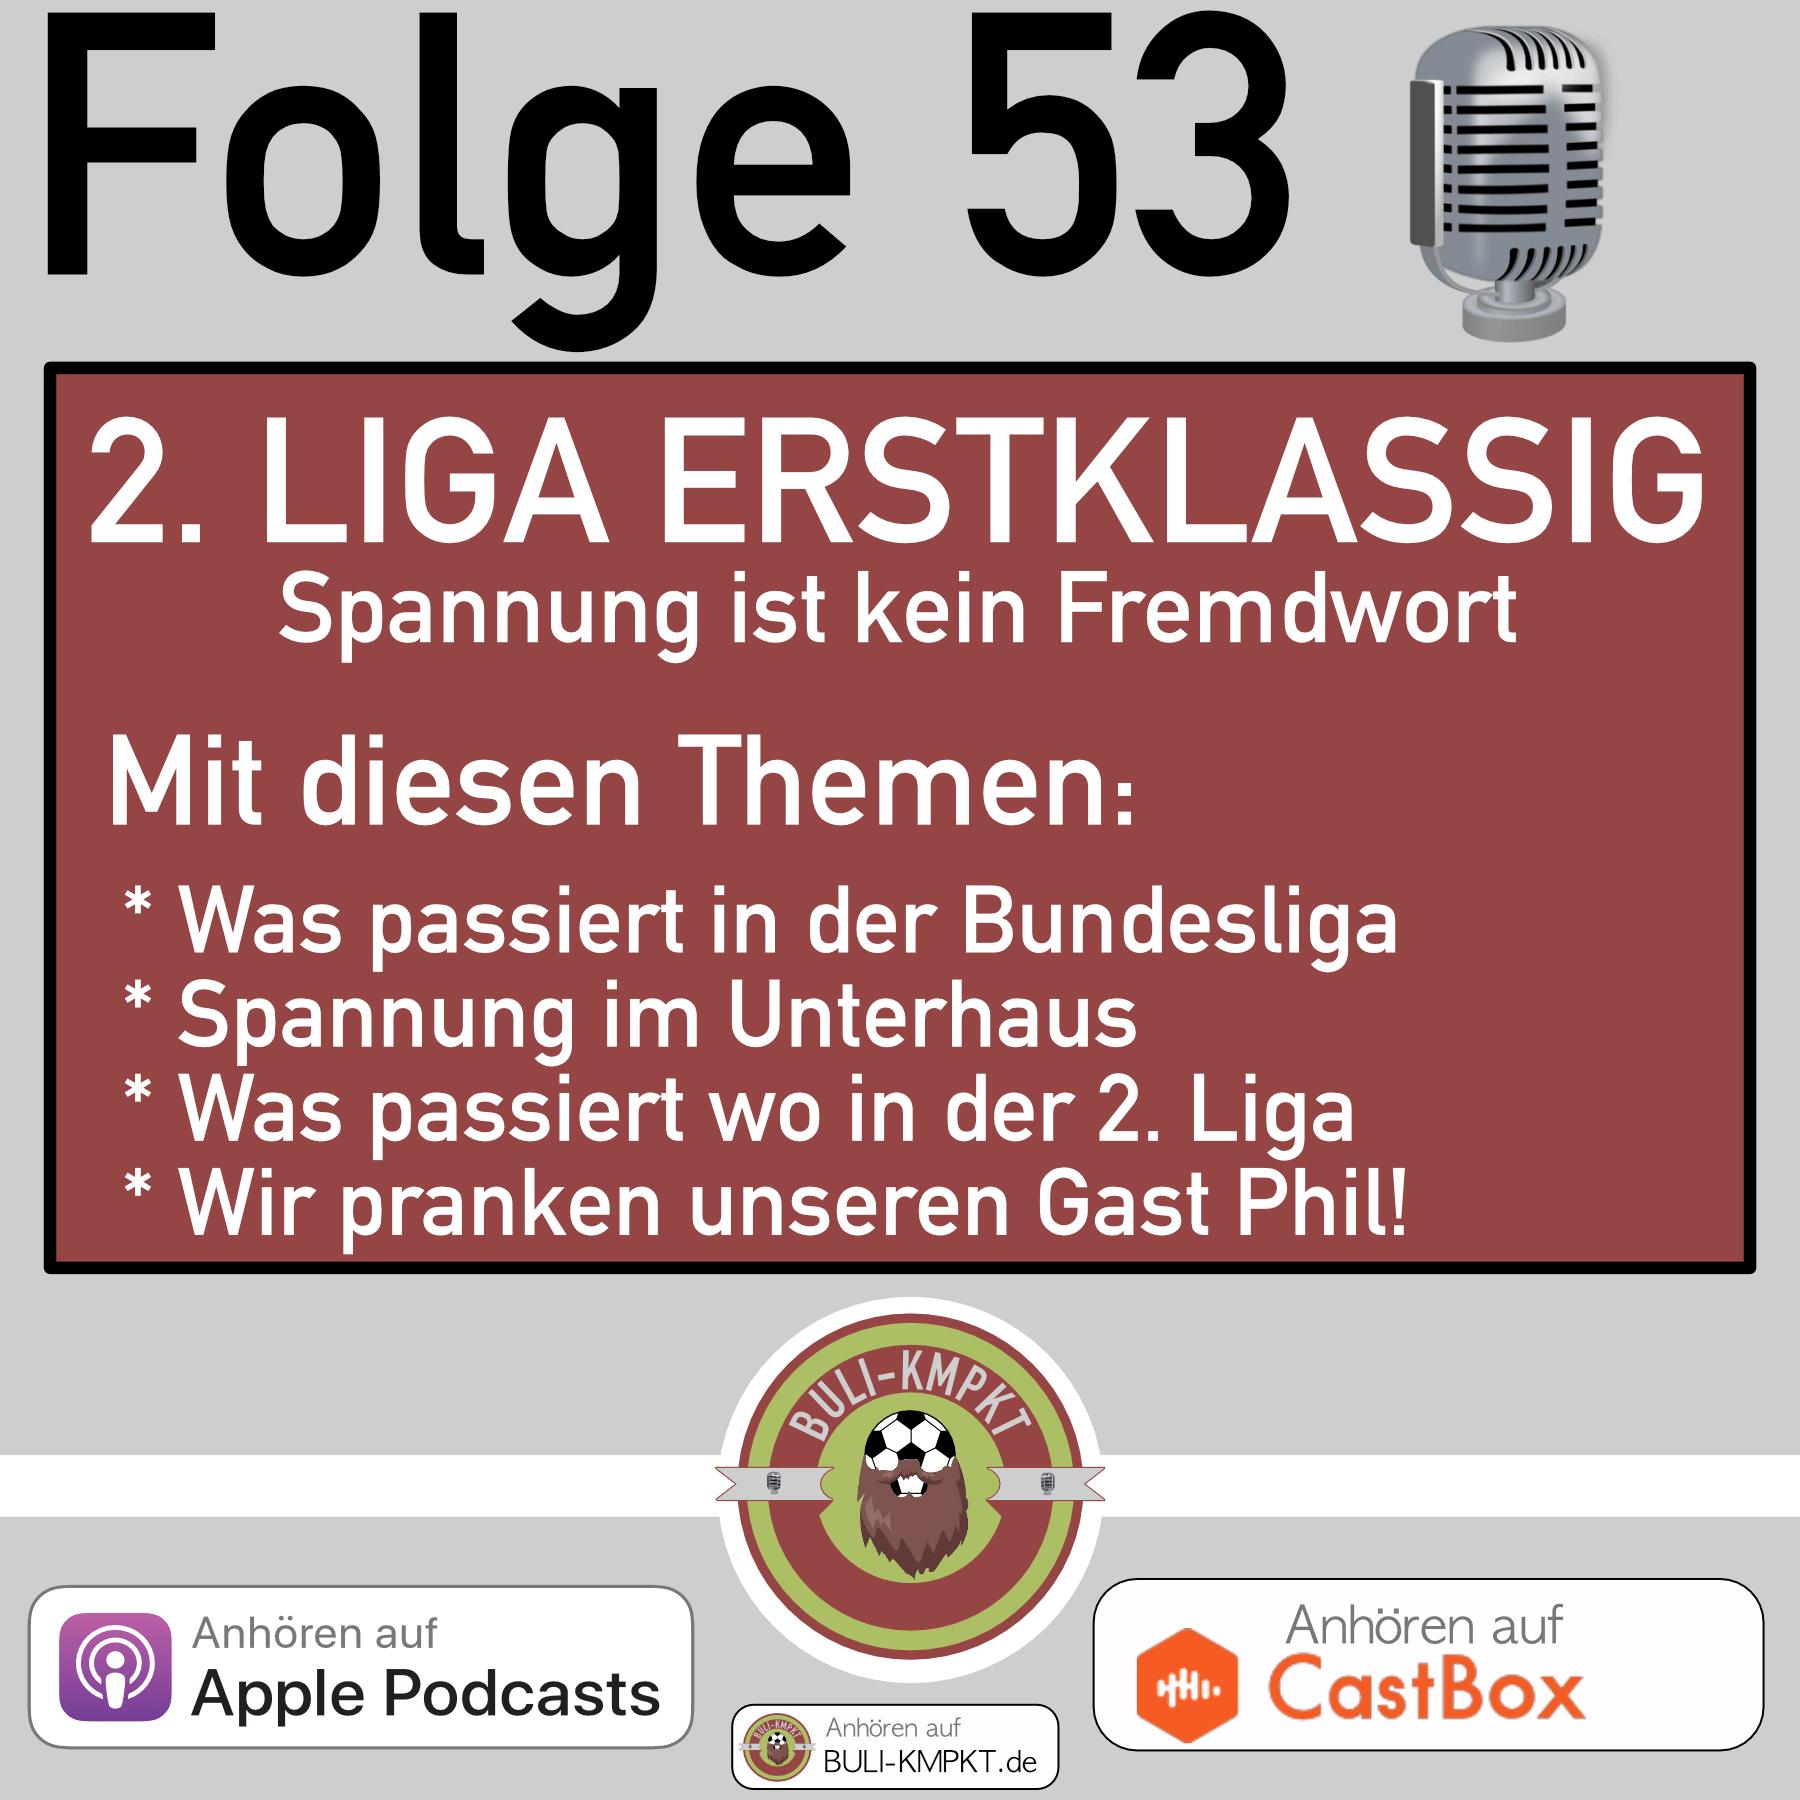 Folge 53 – 2. Liga Erstklassig